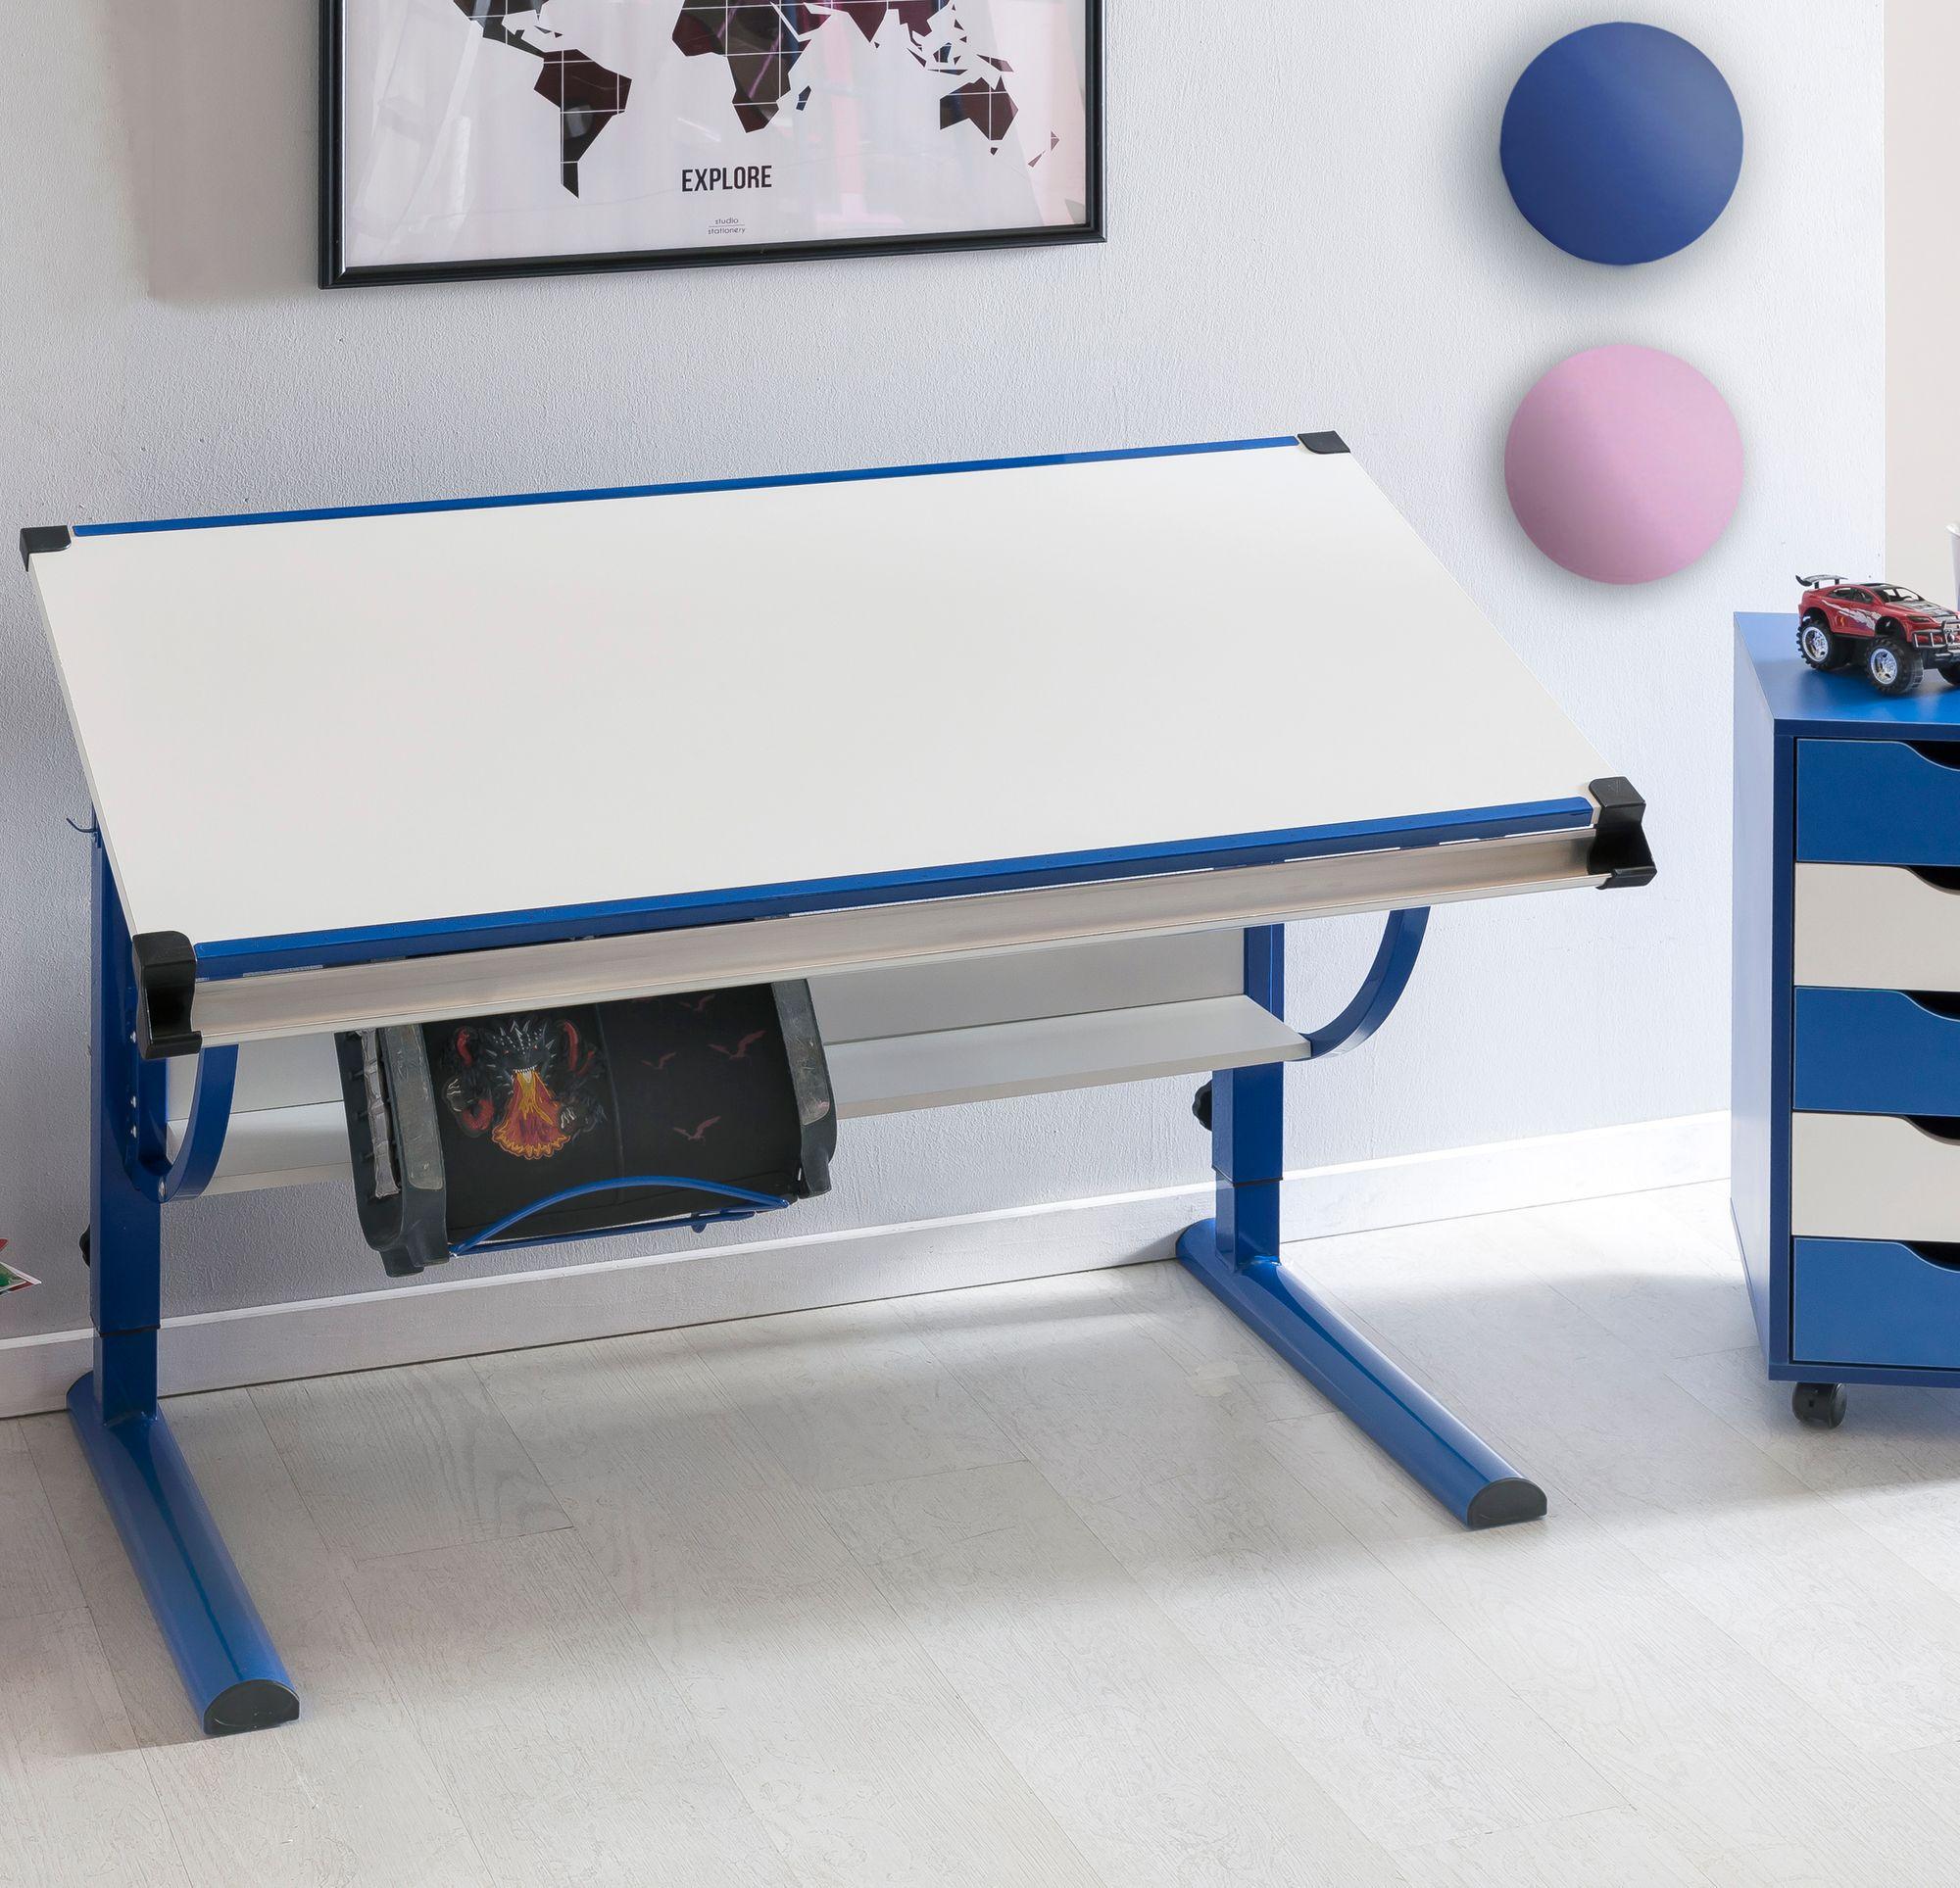 Kinderschreibtisch  Kinderschreibtisch Schülerschreibtisch neigungs- & höhenverstellbar Holz  Design